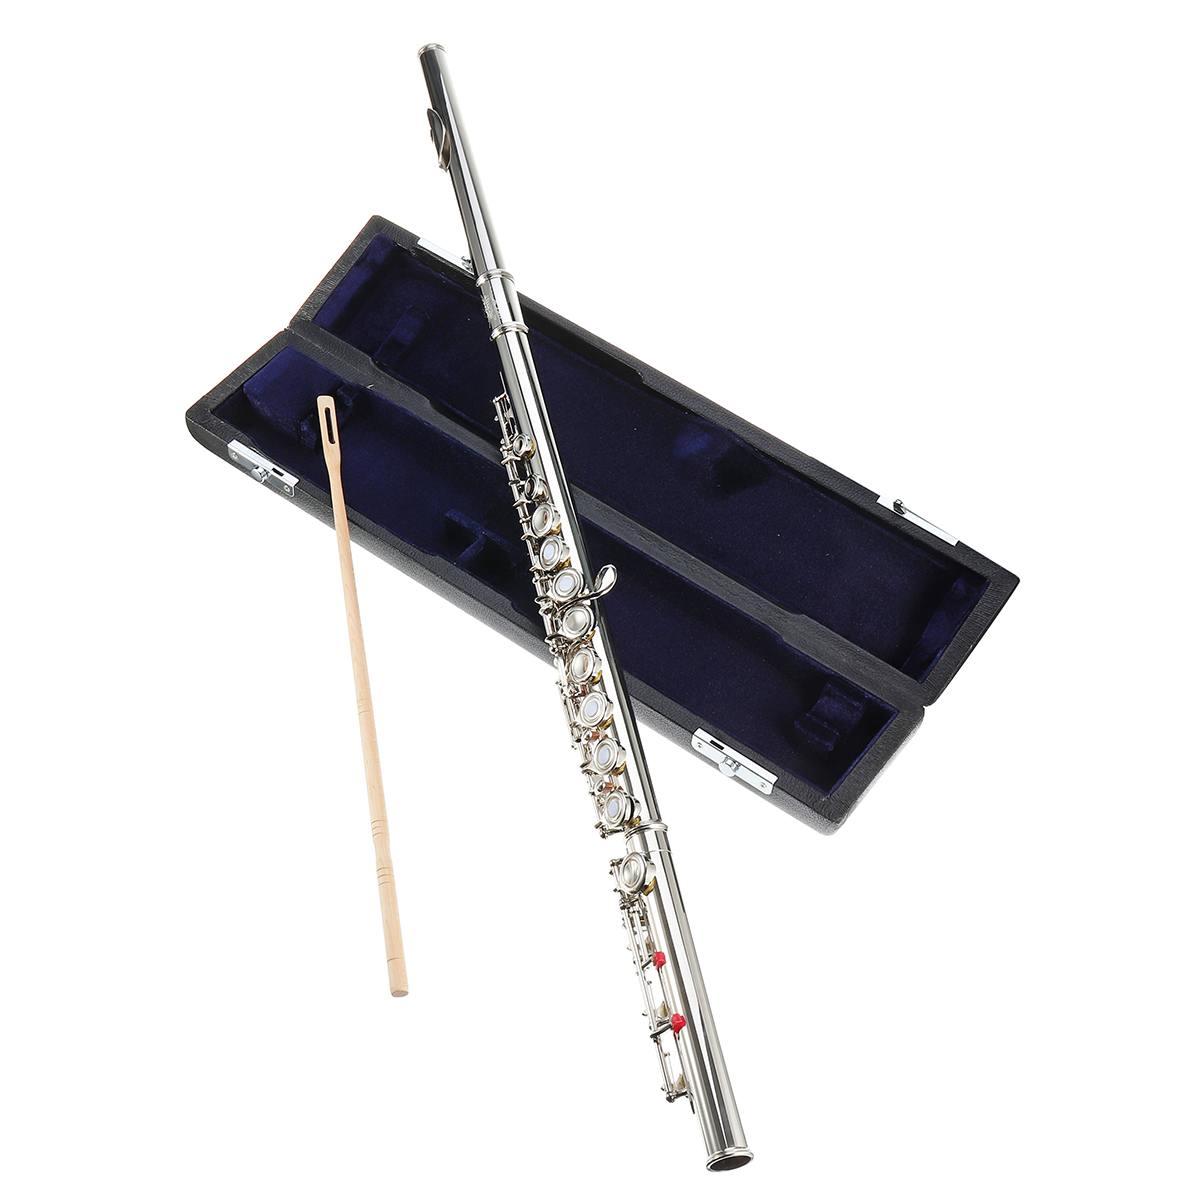 17 trous C Key Flûte Cupronickel Argent Plaqué Concert Flûte Avec chiffon de nettoyage Bâton Gants Tournevis Rembourré Sac